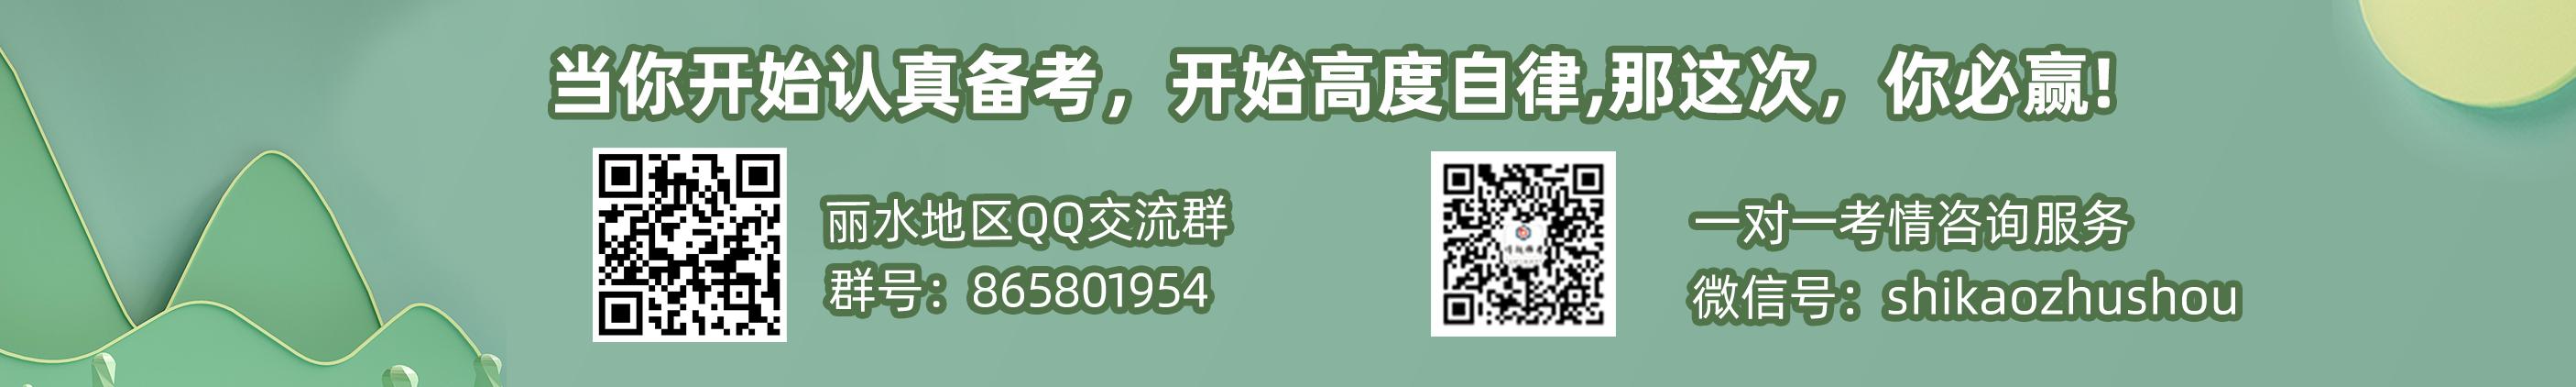 网页小banner丽水.png